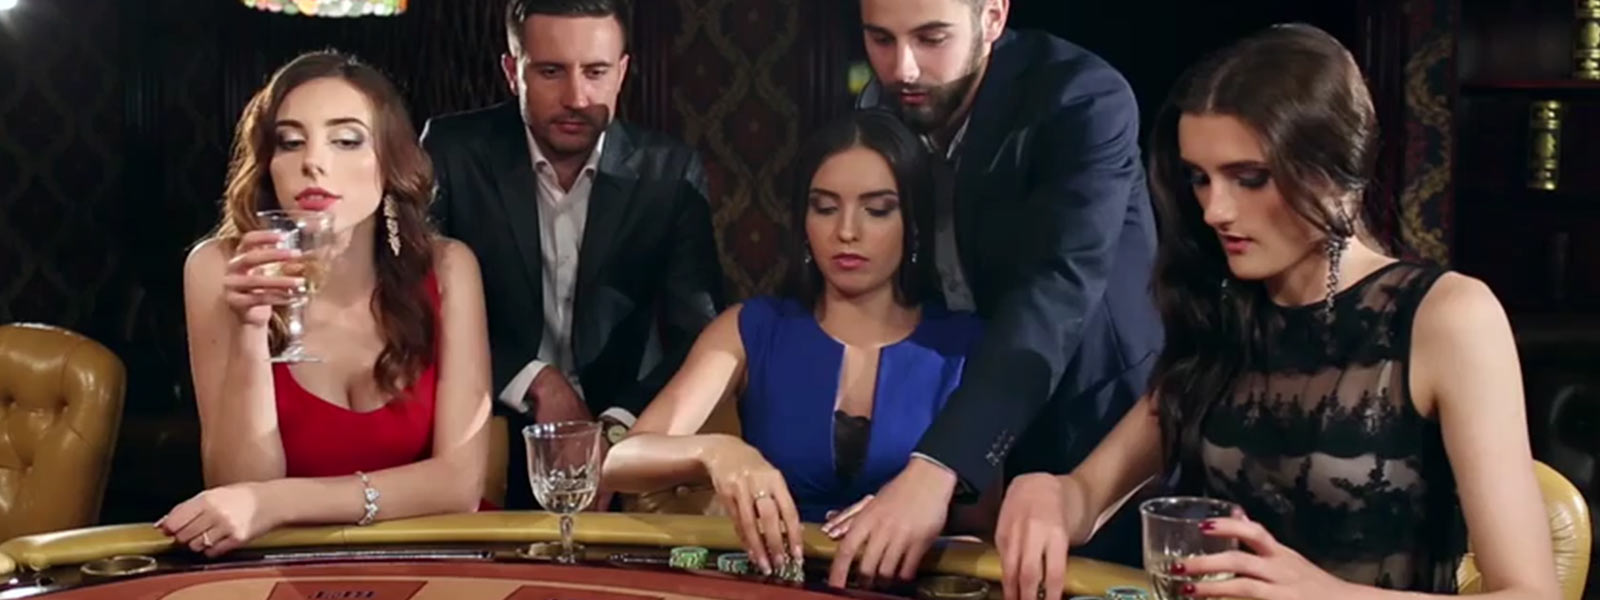 hotel - kasyno  woj. lubelskie   - TNGS Tomasz Karman - Biuro Obsługi Inwestora - Lublin